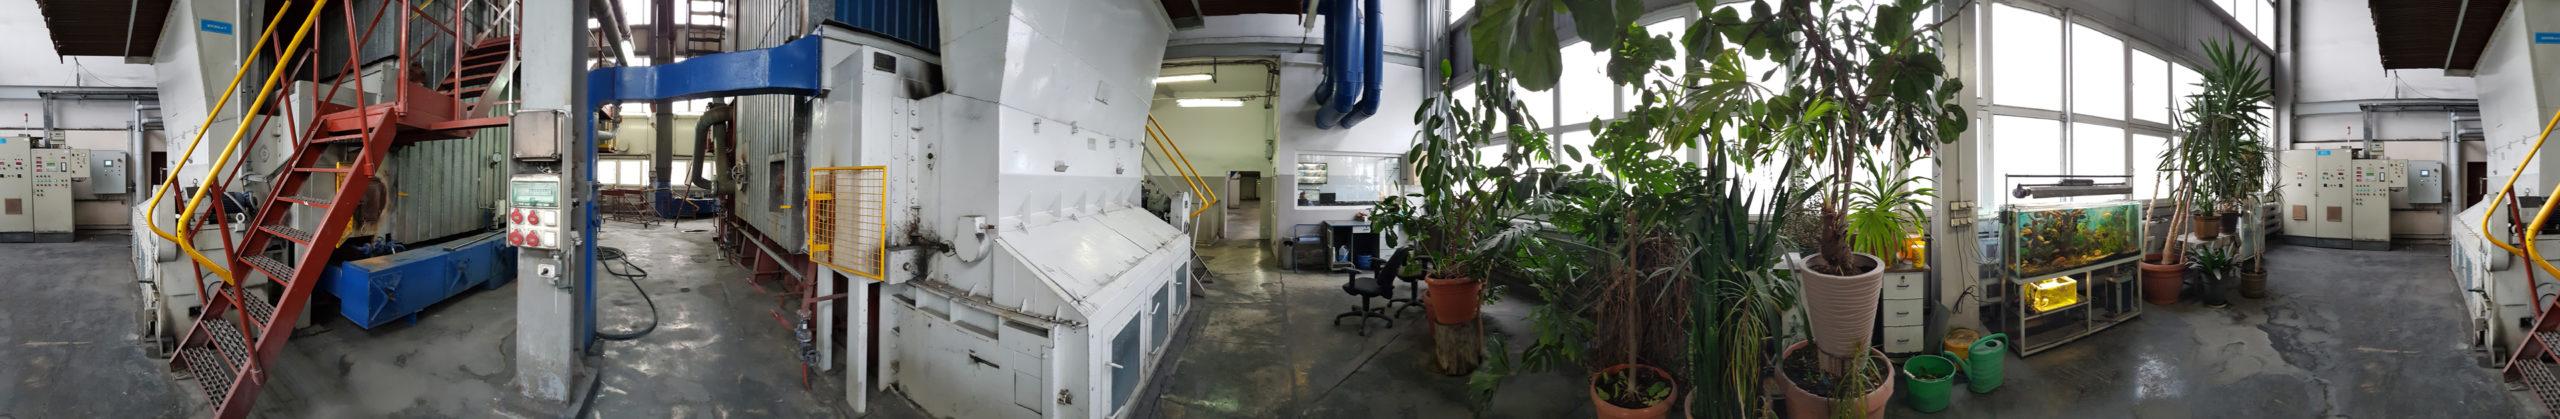 Zdjęcie panoramiczne wnętrza budynku ciepłowni.